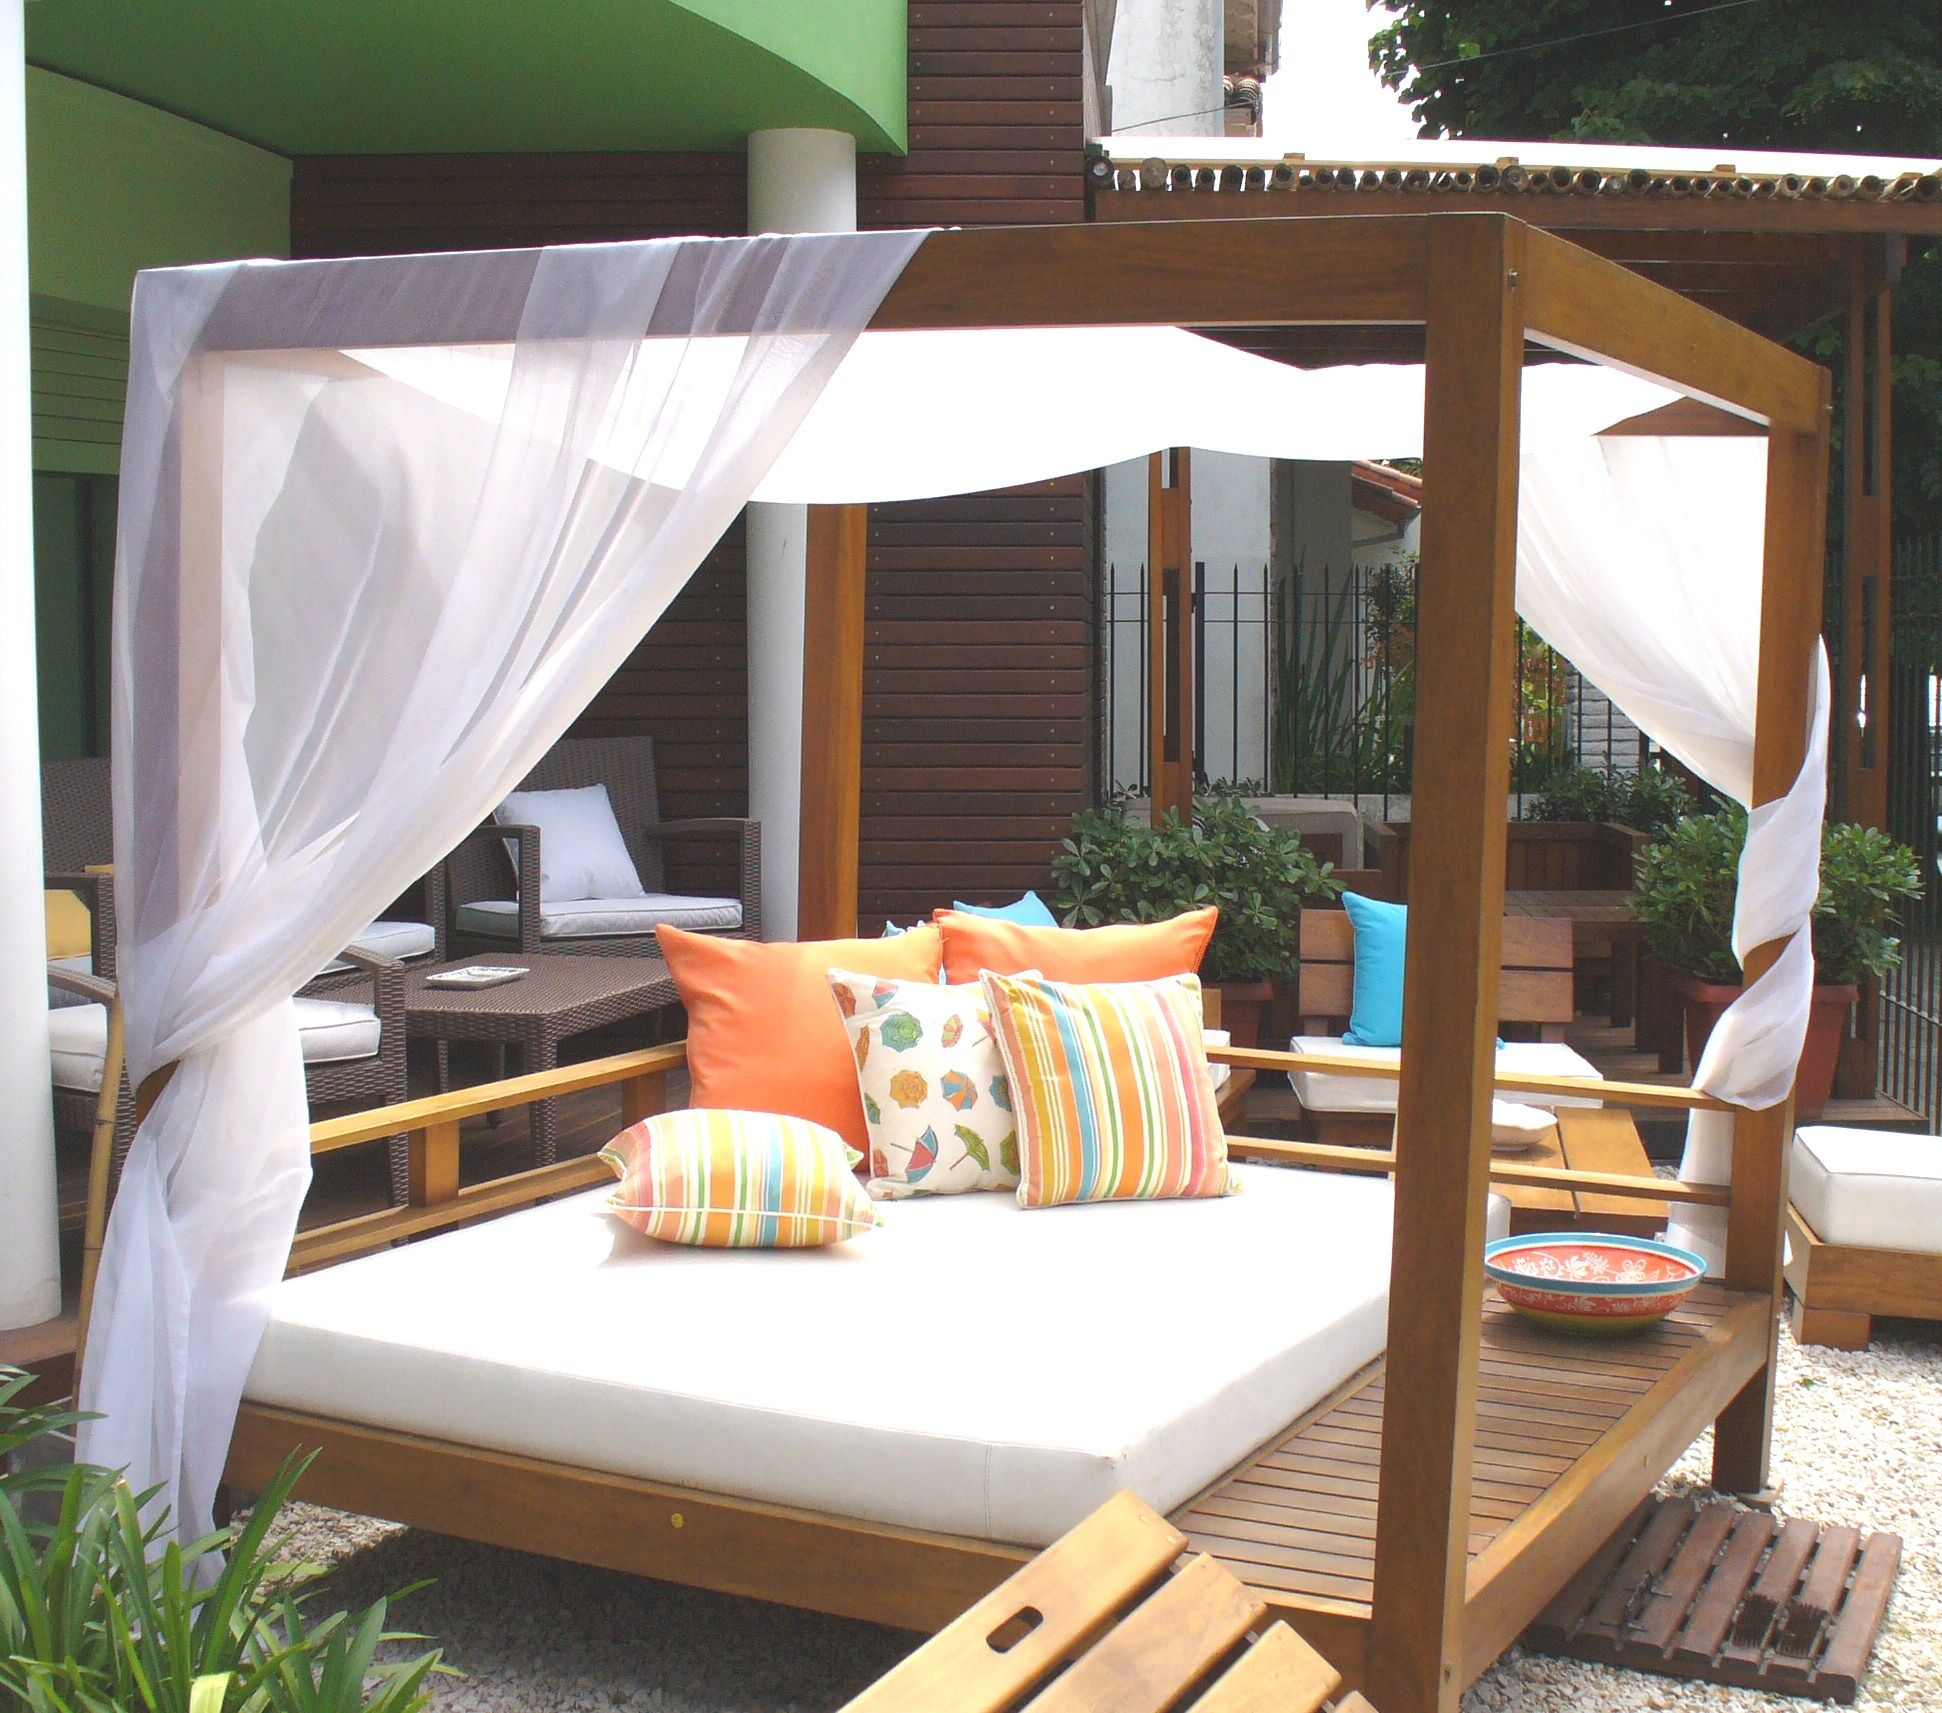 Camastro bali con un c modo colch n que deja deja un espacio del mueble a modo de mesa con Almohadones exterior